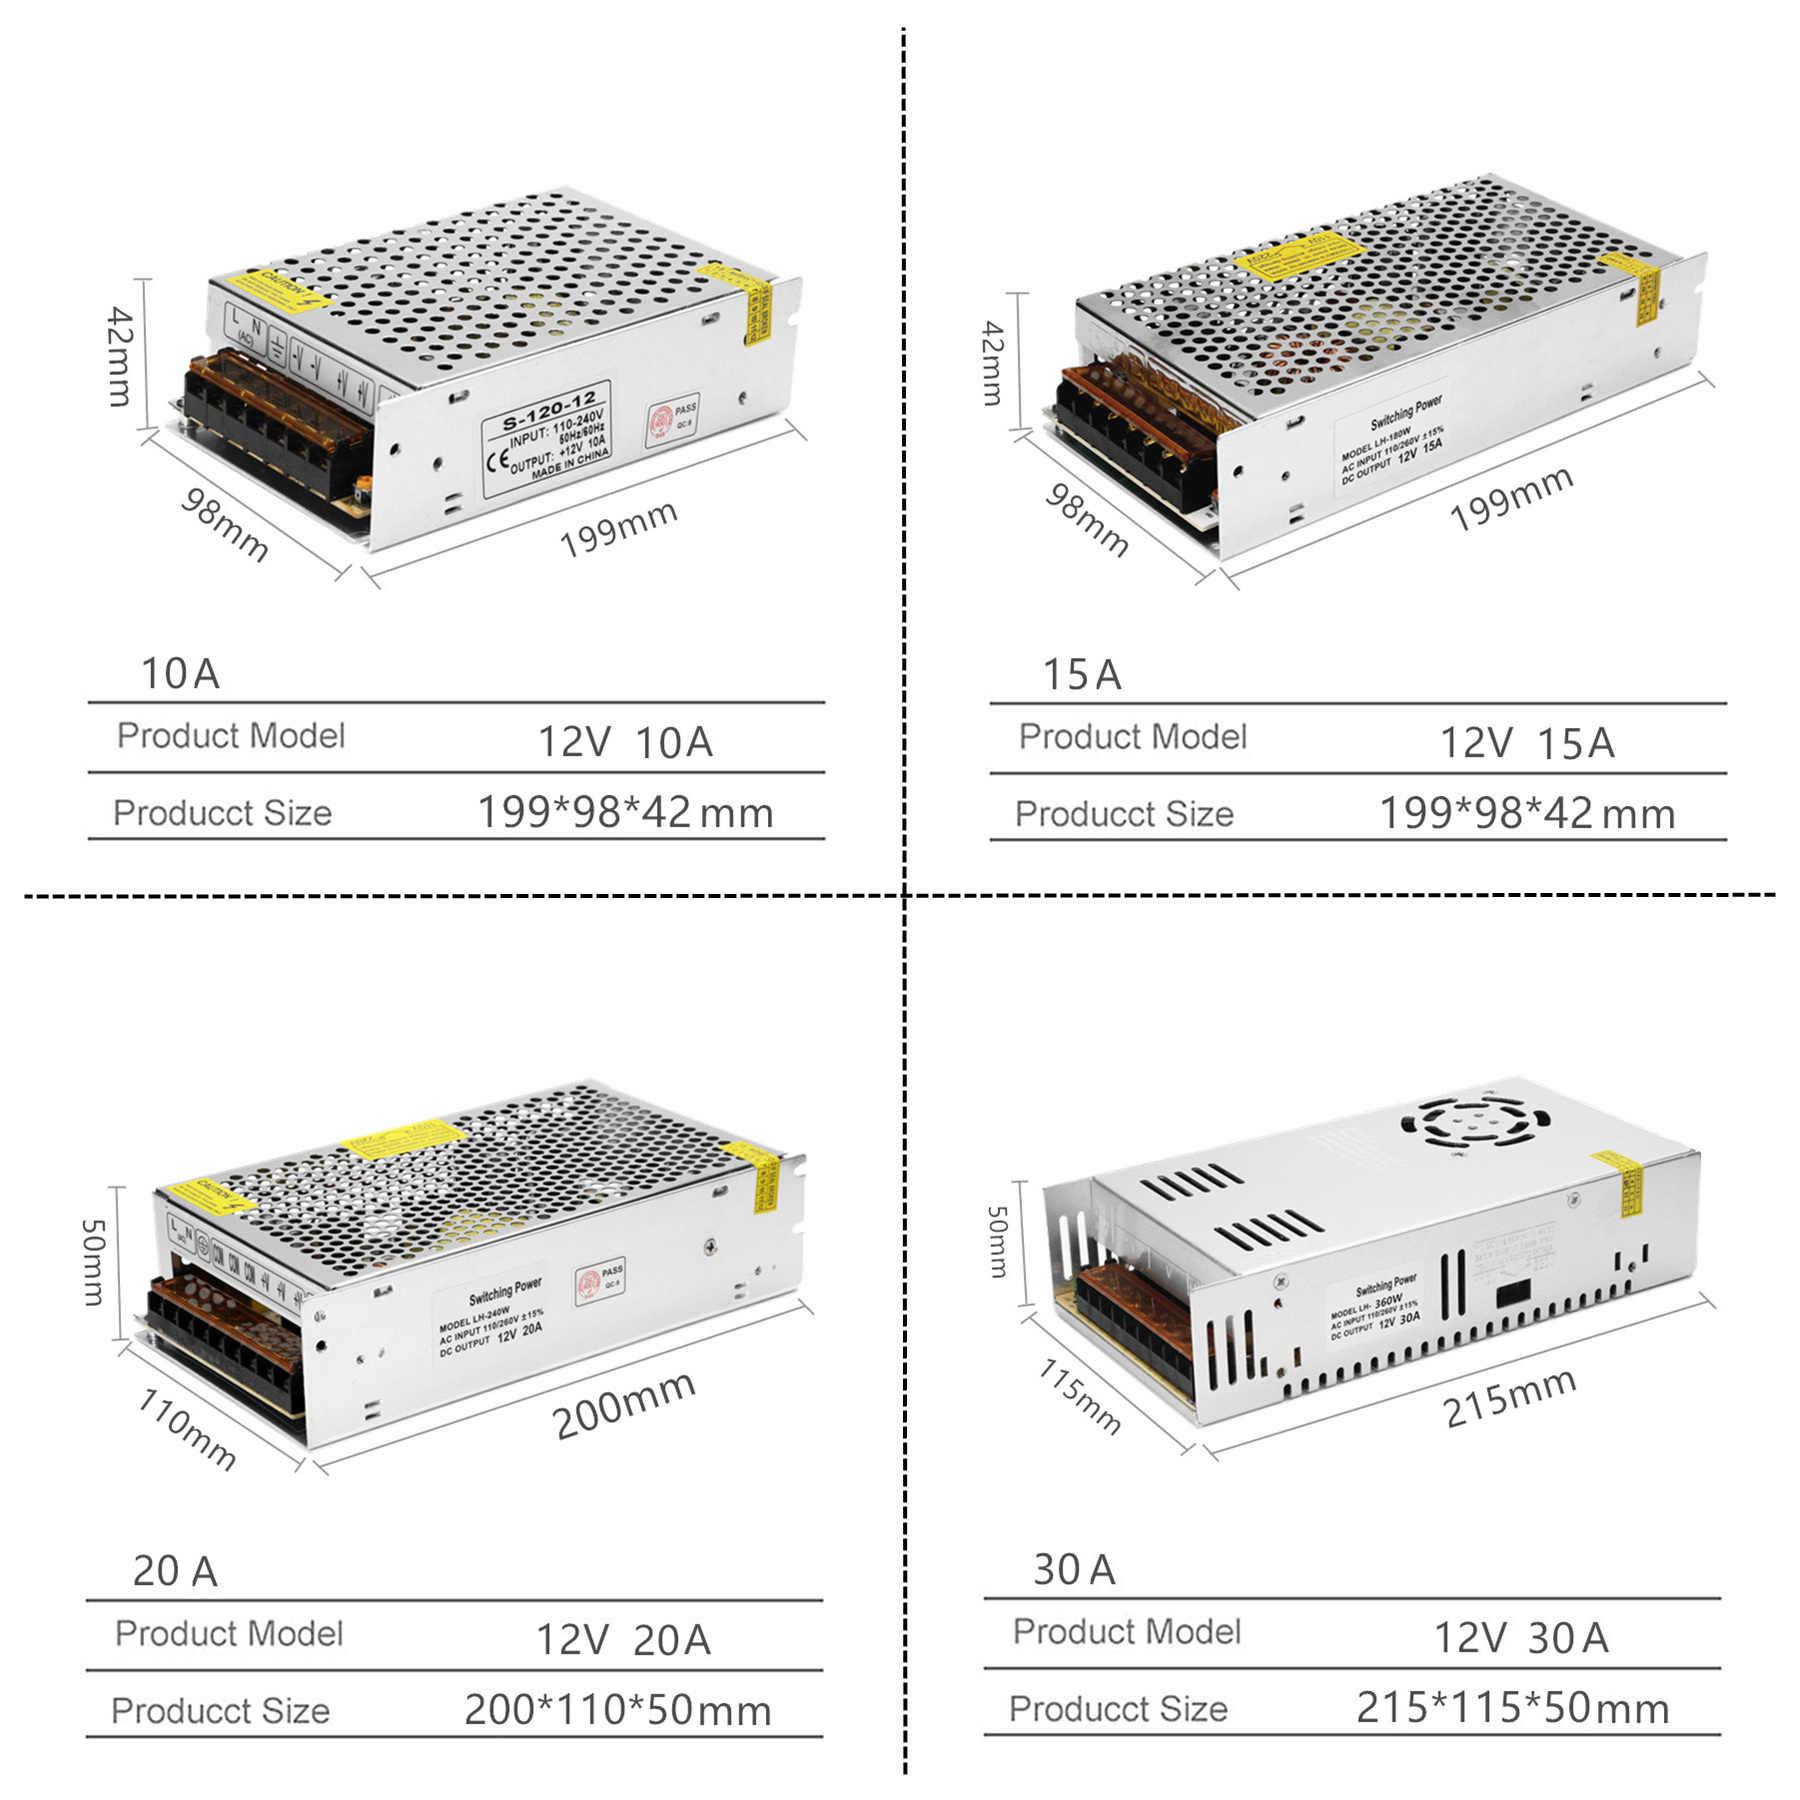 Zasilacz LED sterownik DC 12V mała objętość pojedyncze transformatora 5A 15A 25A 3A dc12v V wyjście przełączanie led taśmy LED 5050